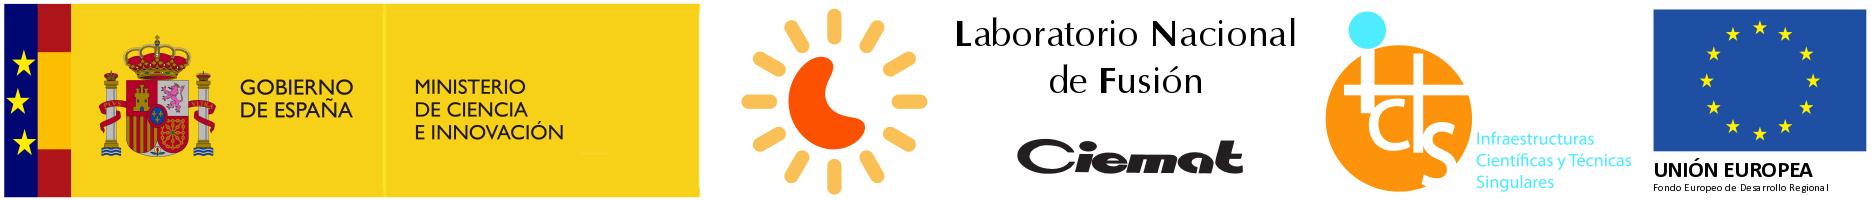 logo_lnf_icts